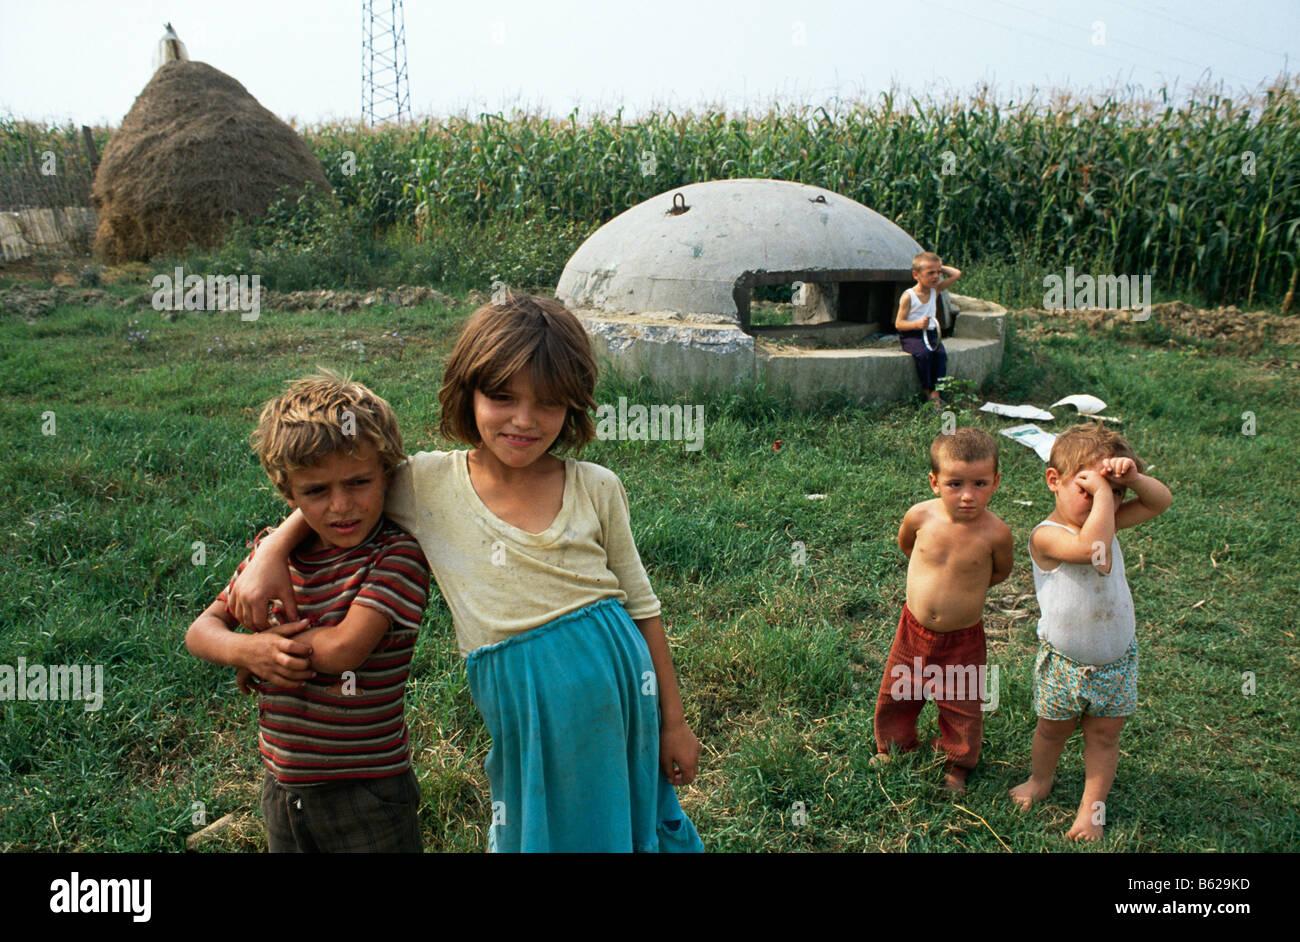 Kinder stehen neben eines der zahlreichen militärischen Verteidigung Pillendosen, die die Landschaft in der Nähe Stockfoto